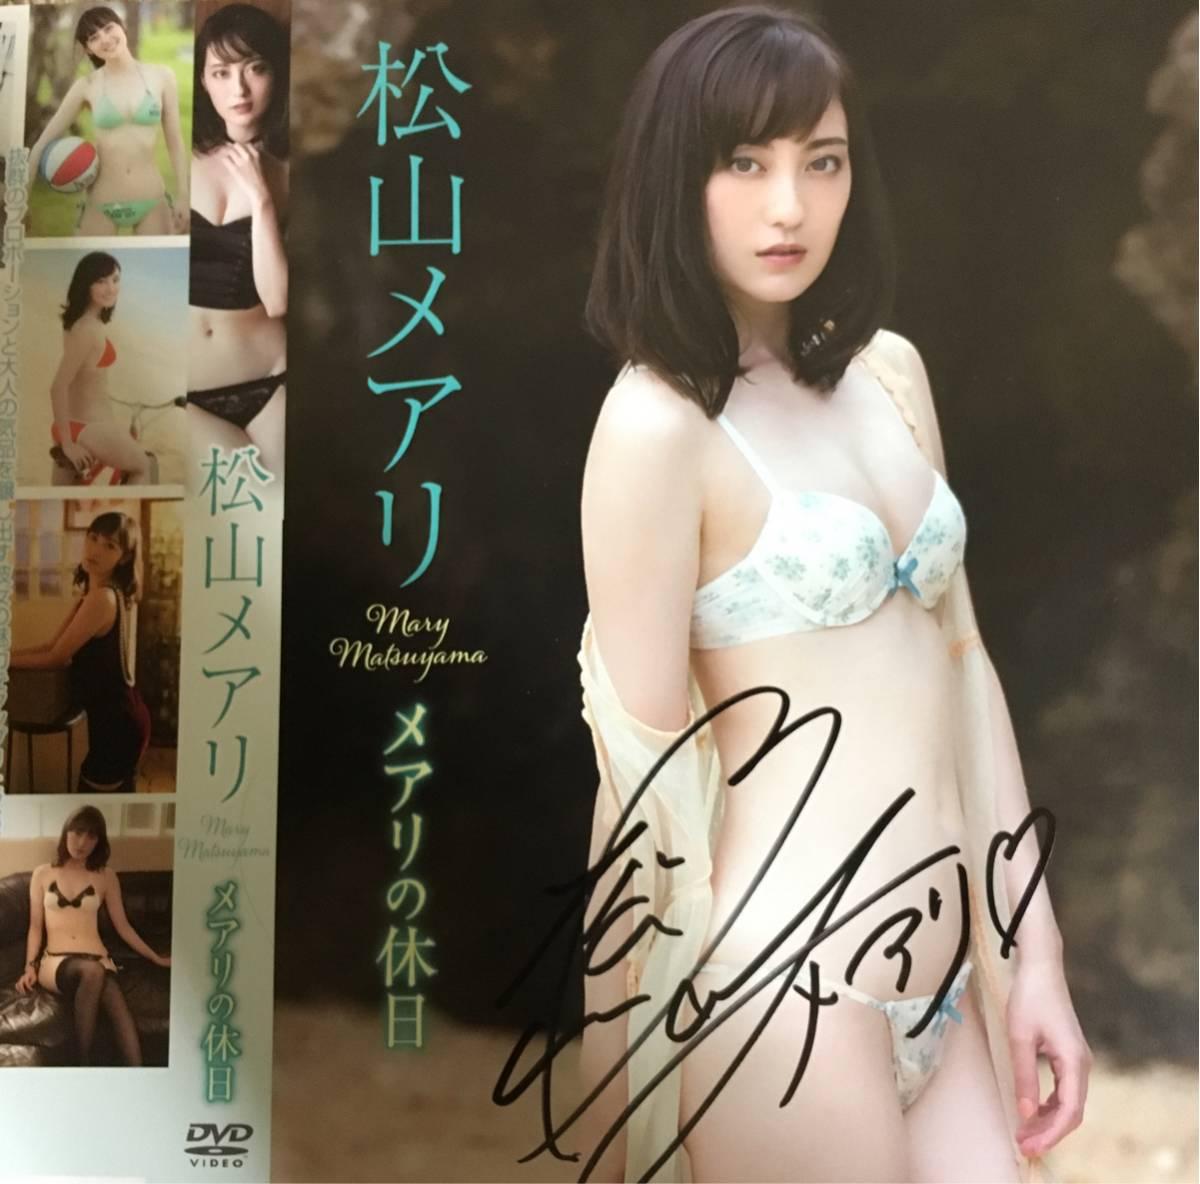 松山メアリ 最新DVD 新品未開封 サインジャケット付 牙狼 烈火